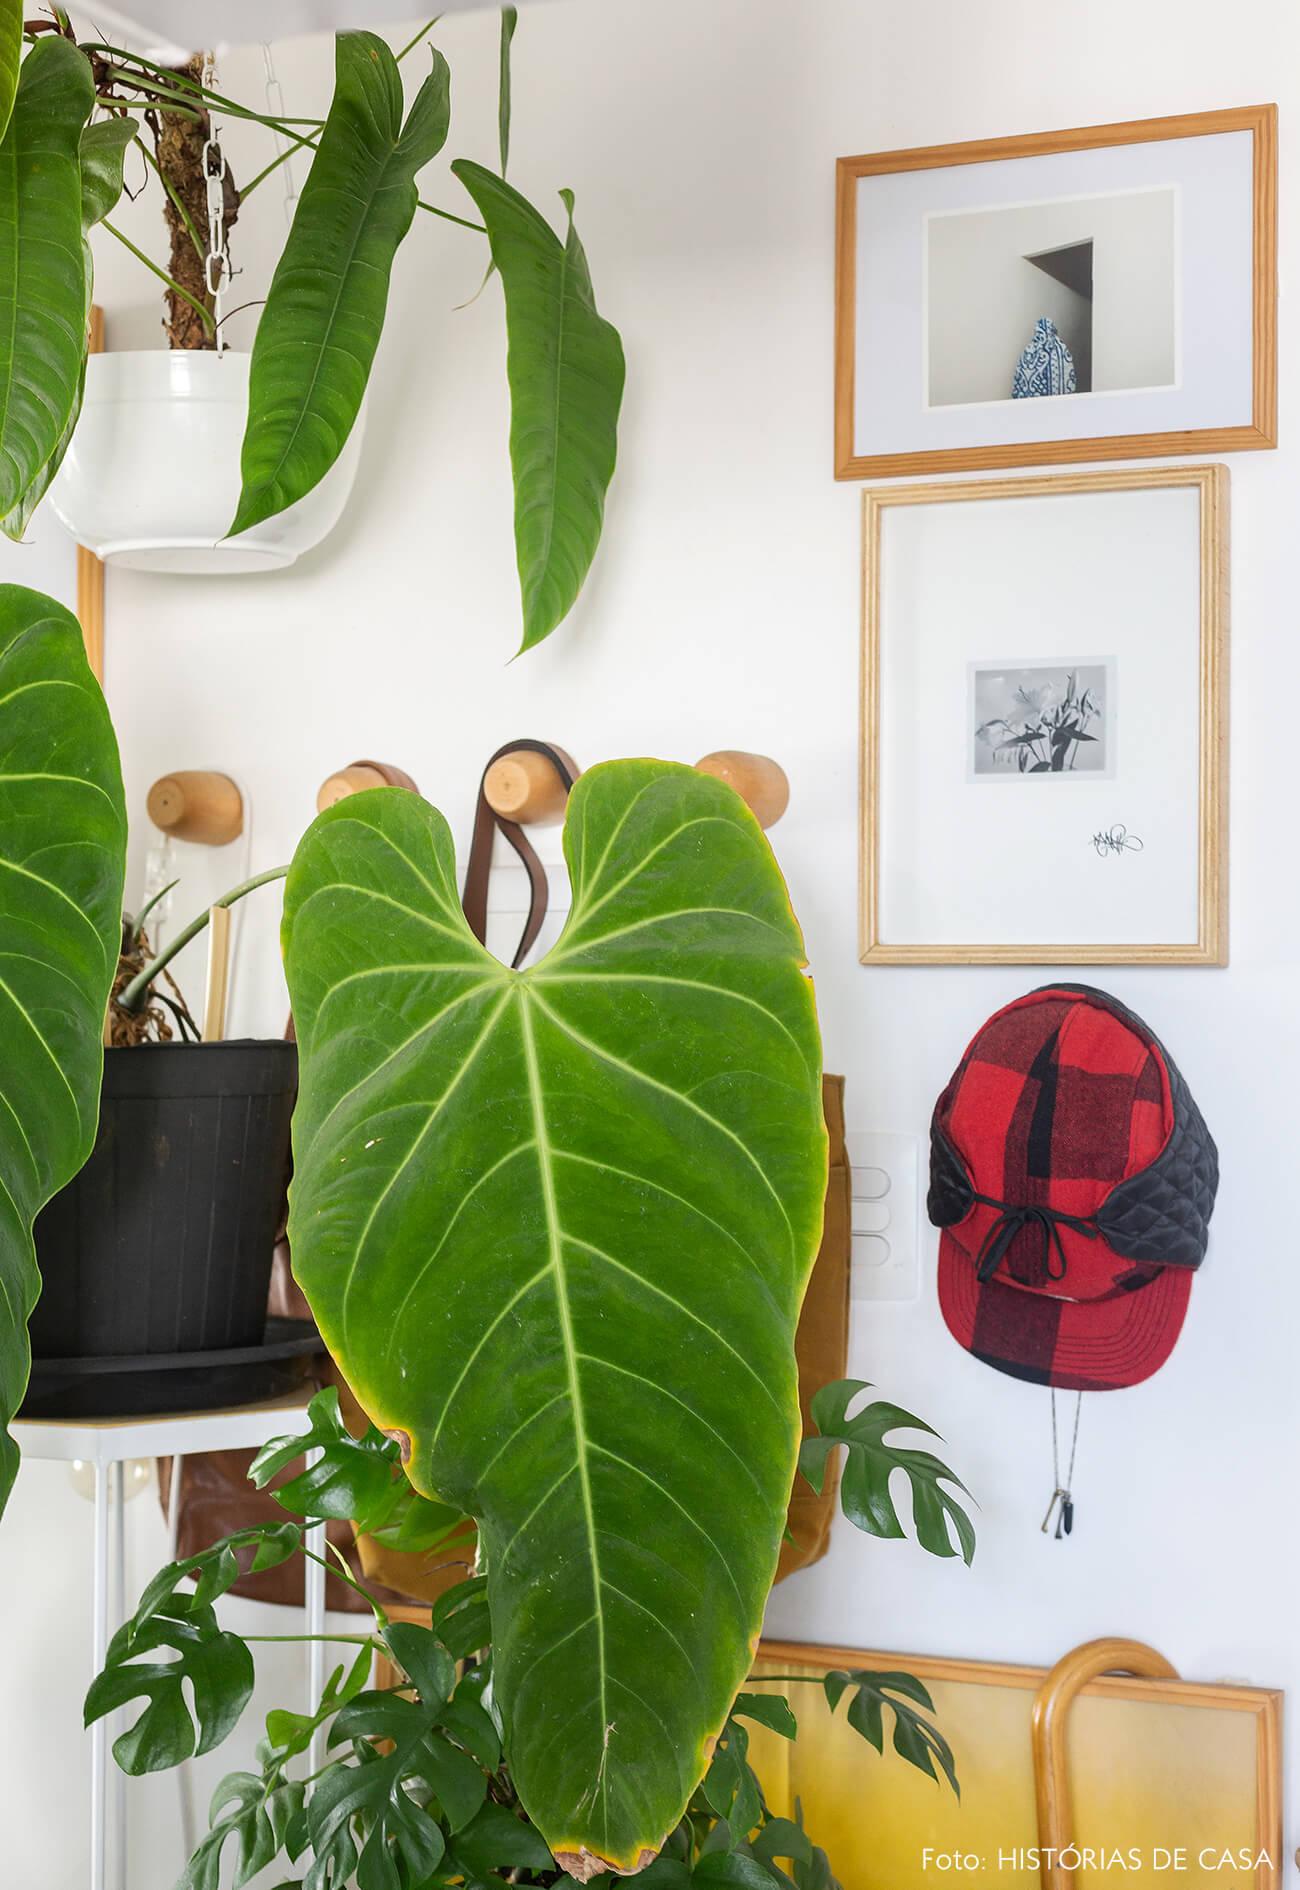 Apartamento pequeno com muitas plantas e espécies raras